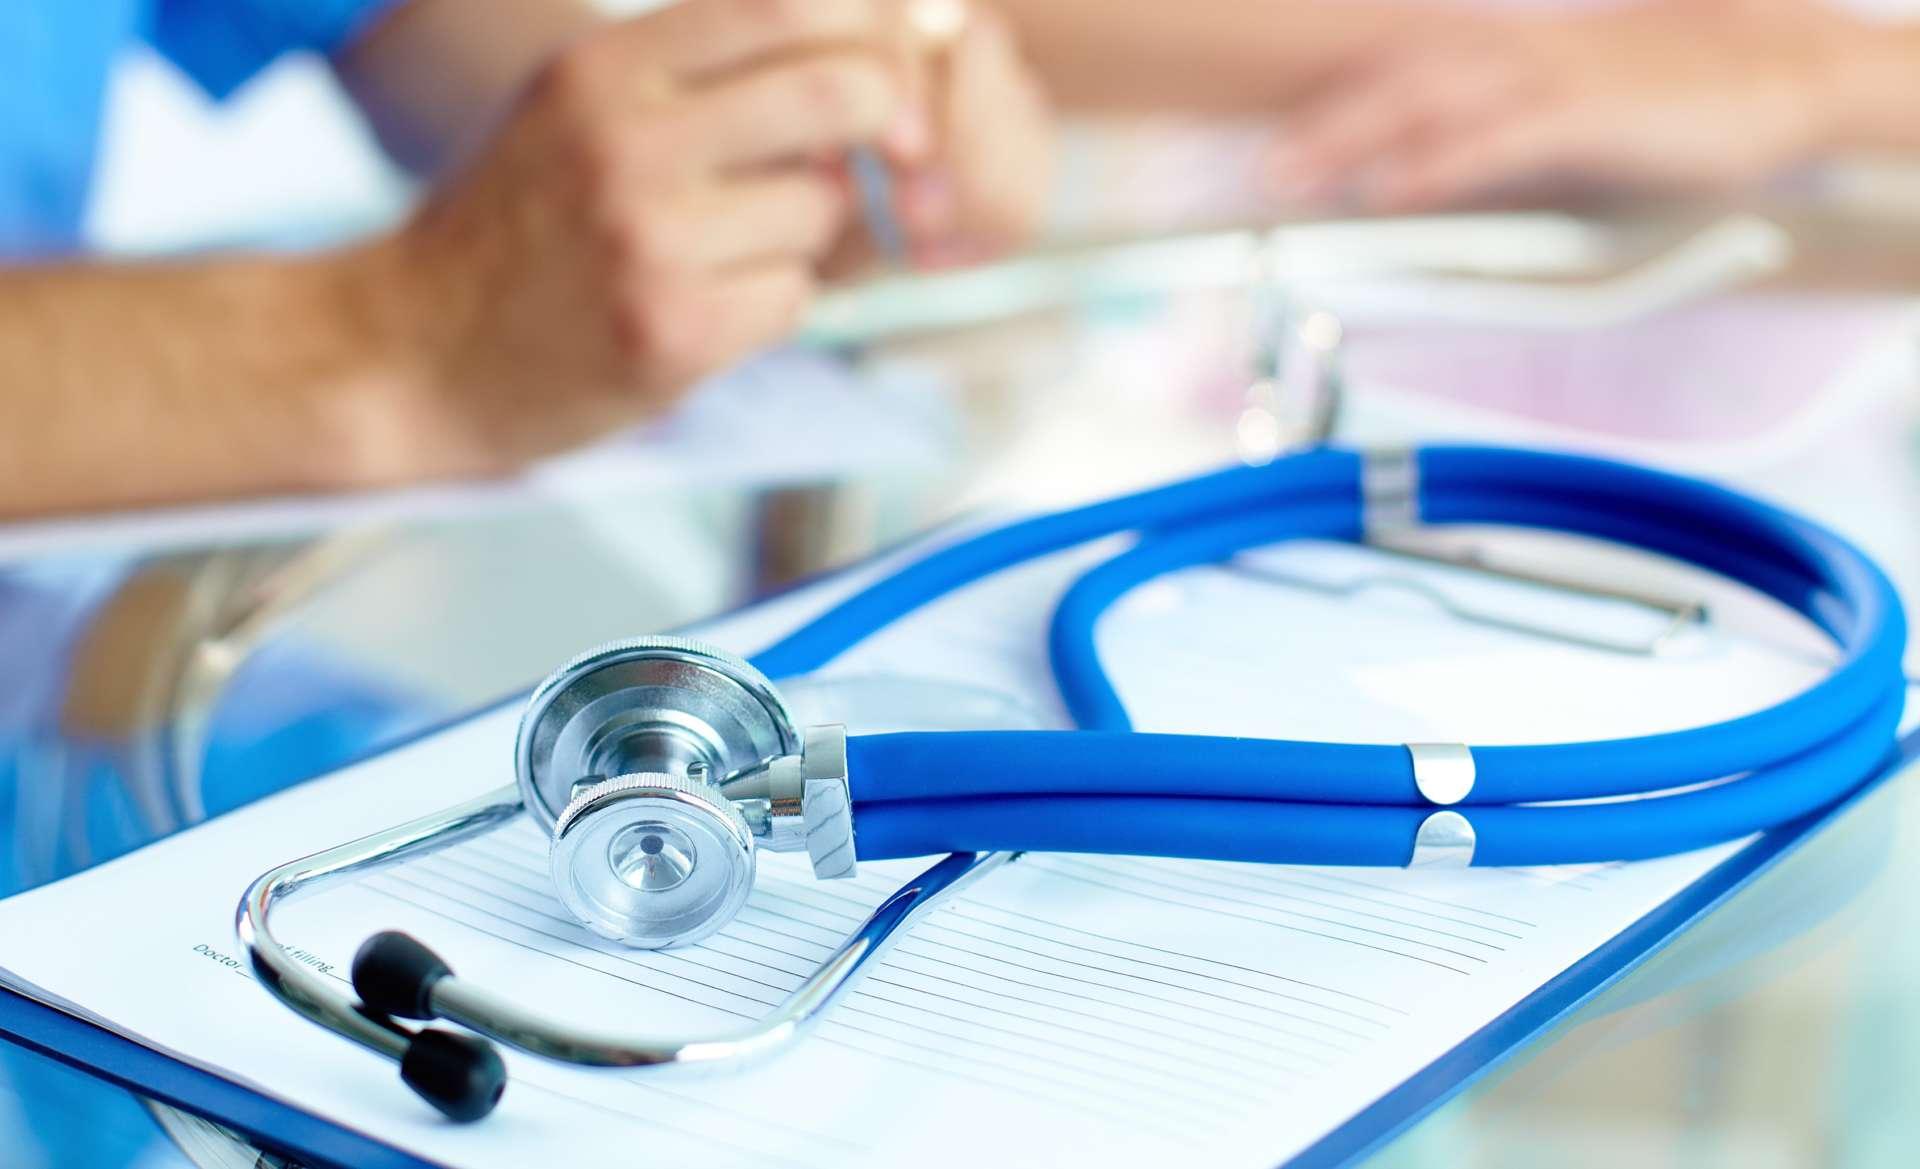 medycyna rodzinna szczecin